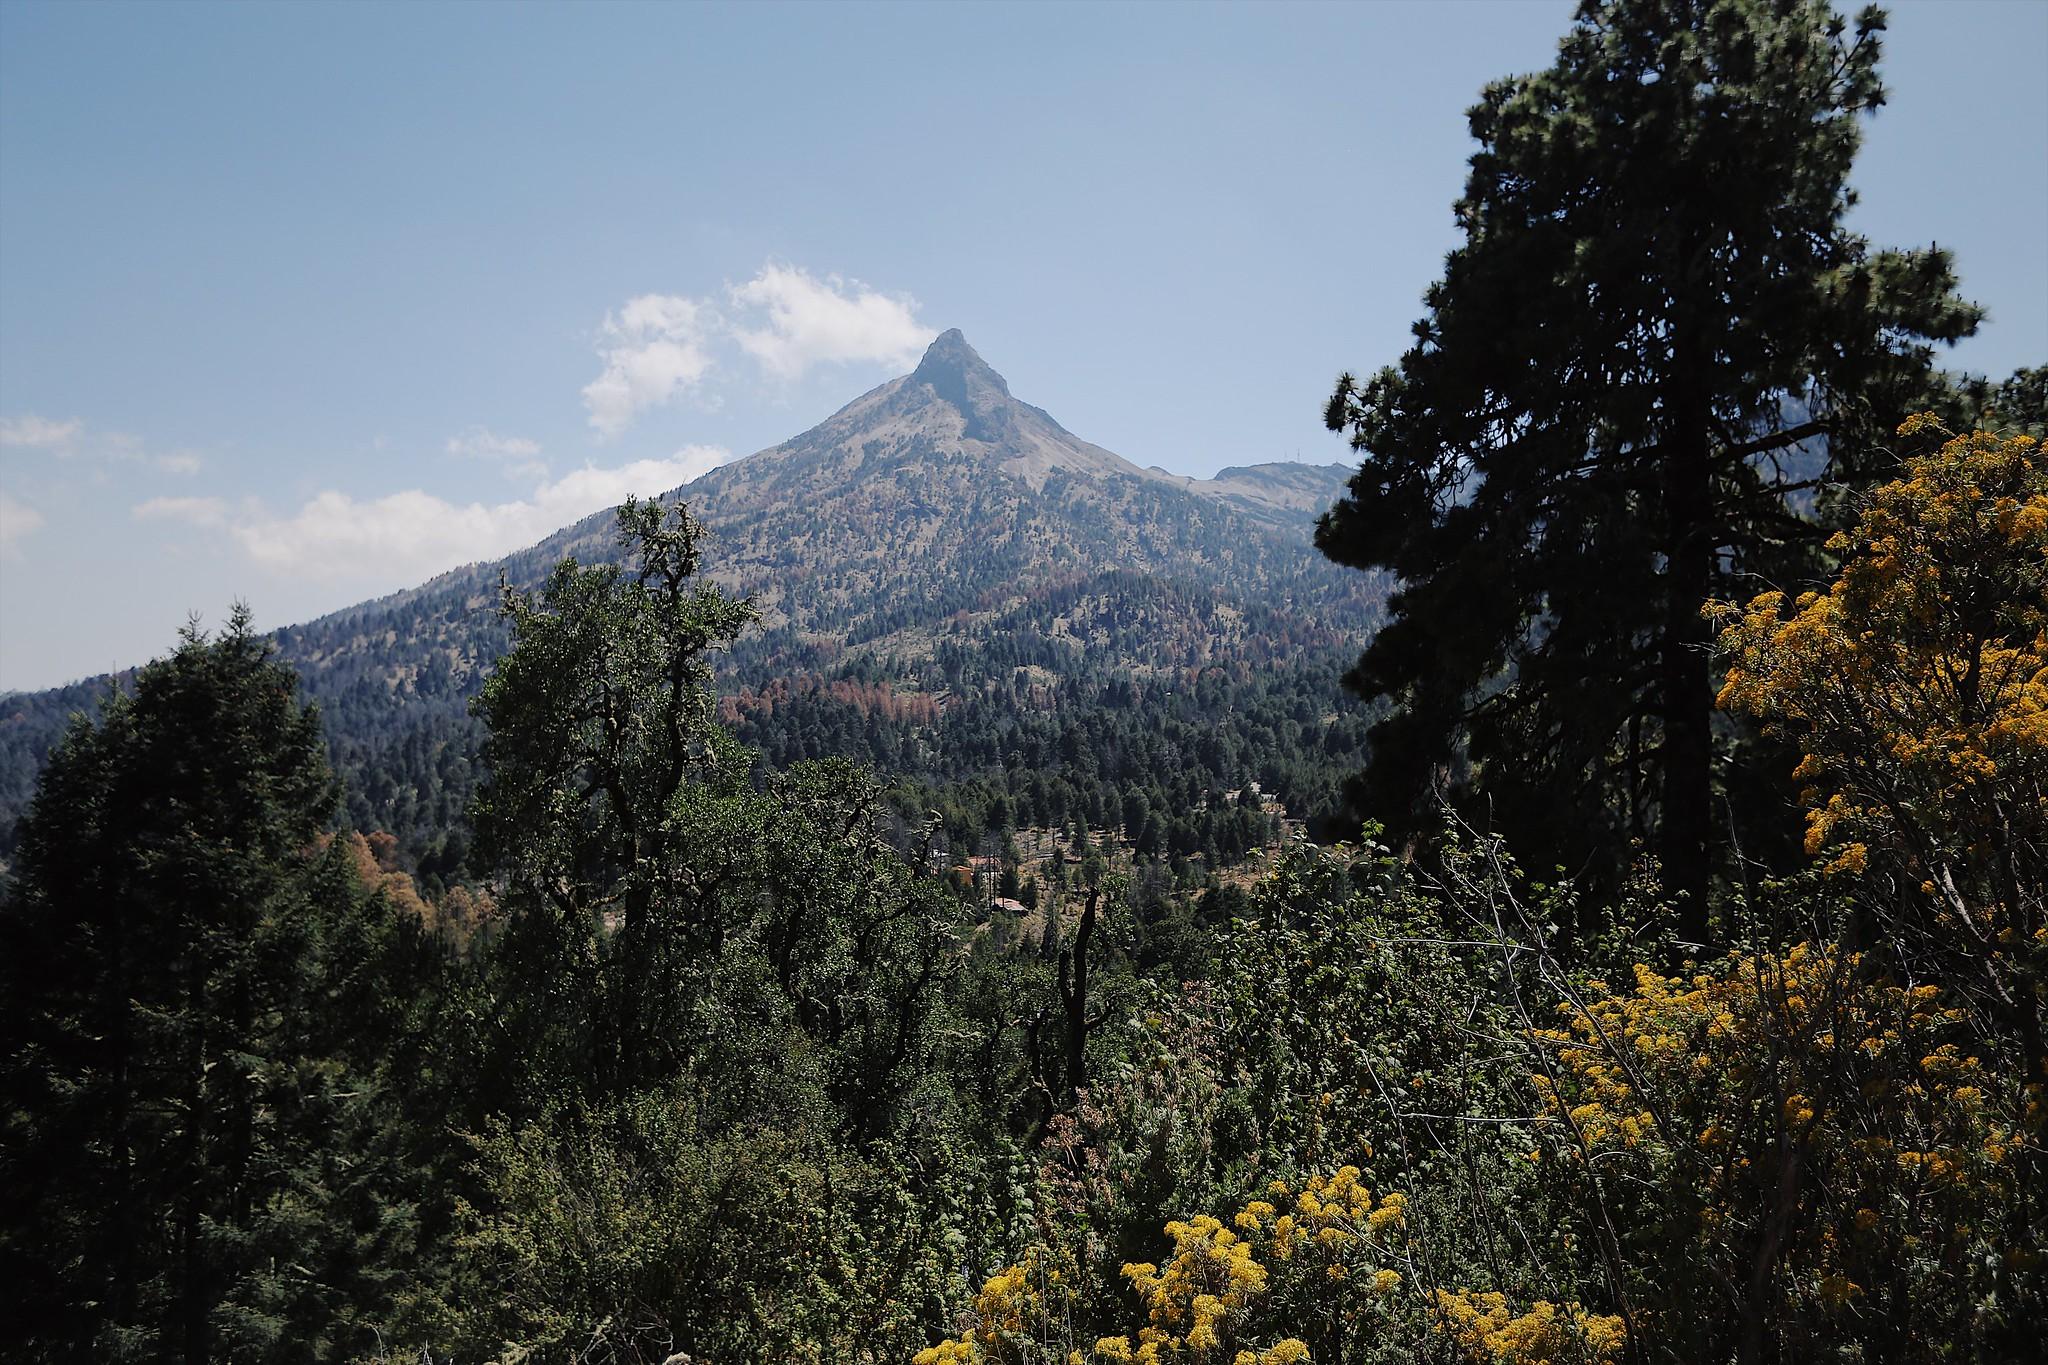 Cierran Parque Nacional Nevado de Colima y Bosque La Primavera por COVID-19